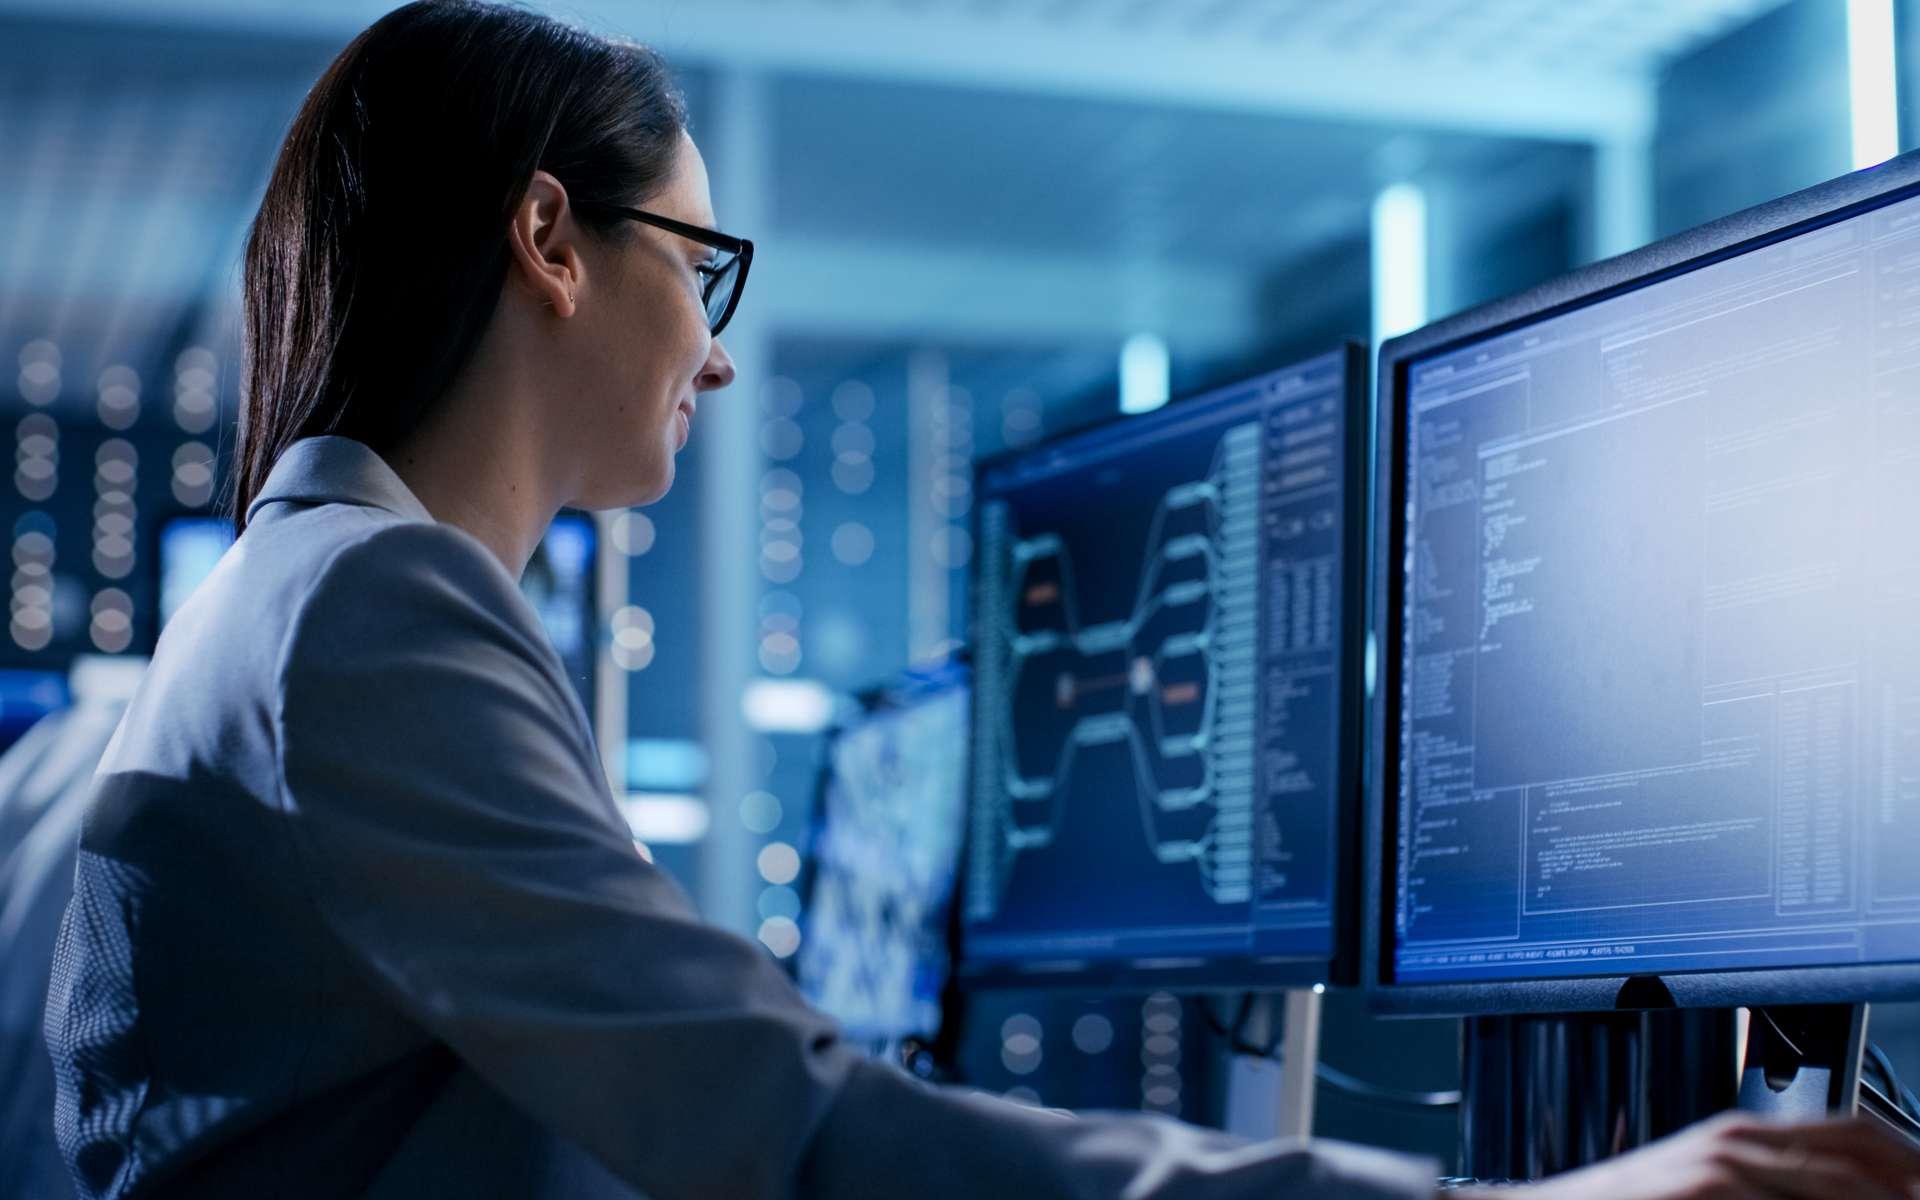 Le consultant informatique doit améliorer les performances du système d'information d'une société. Après analyse de l'existant, il propose la solution la plus adaptée aux besoins de son client. © Gorodenkoff, Adobe Stock.